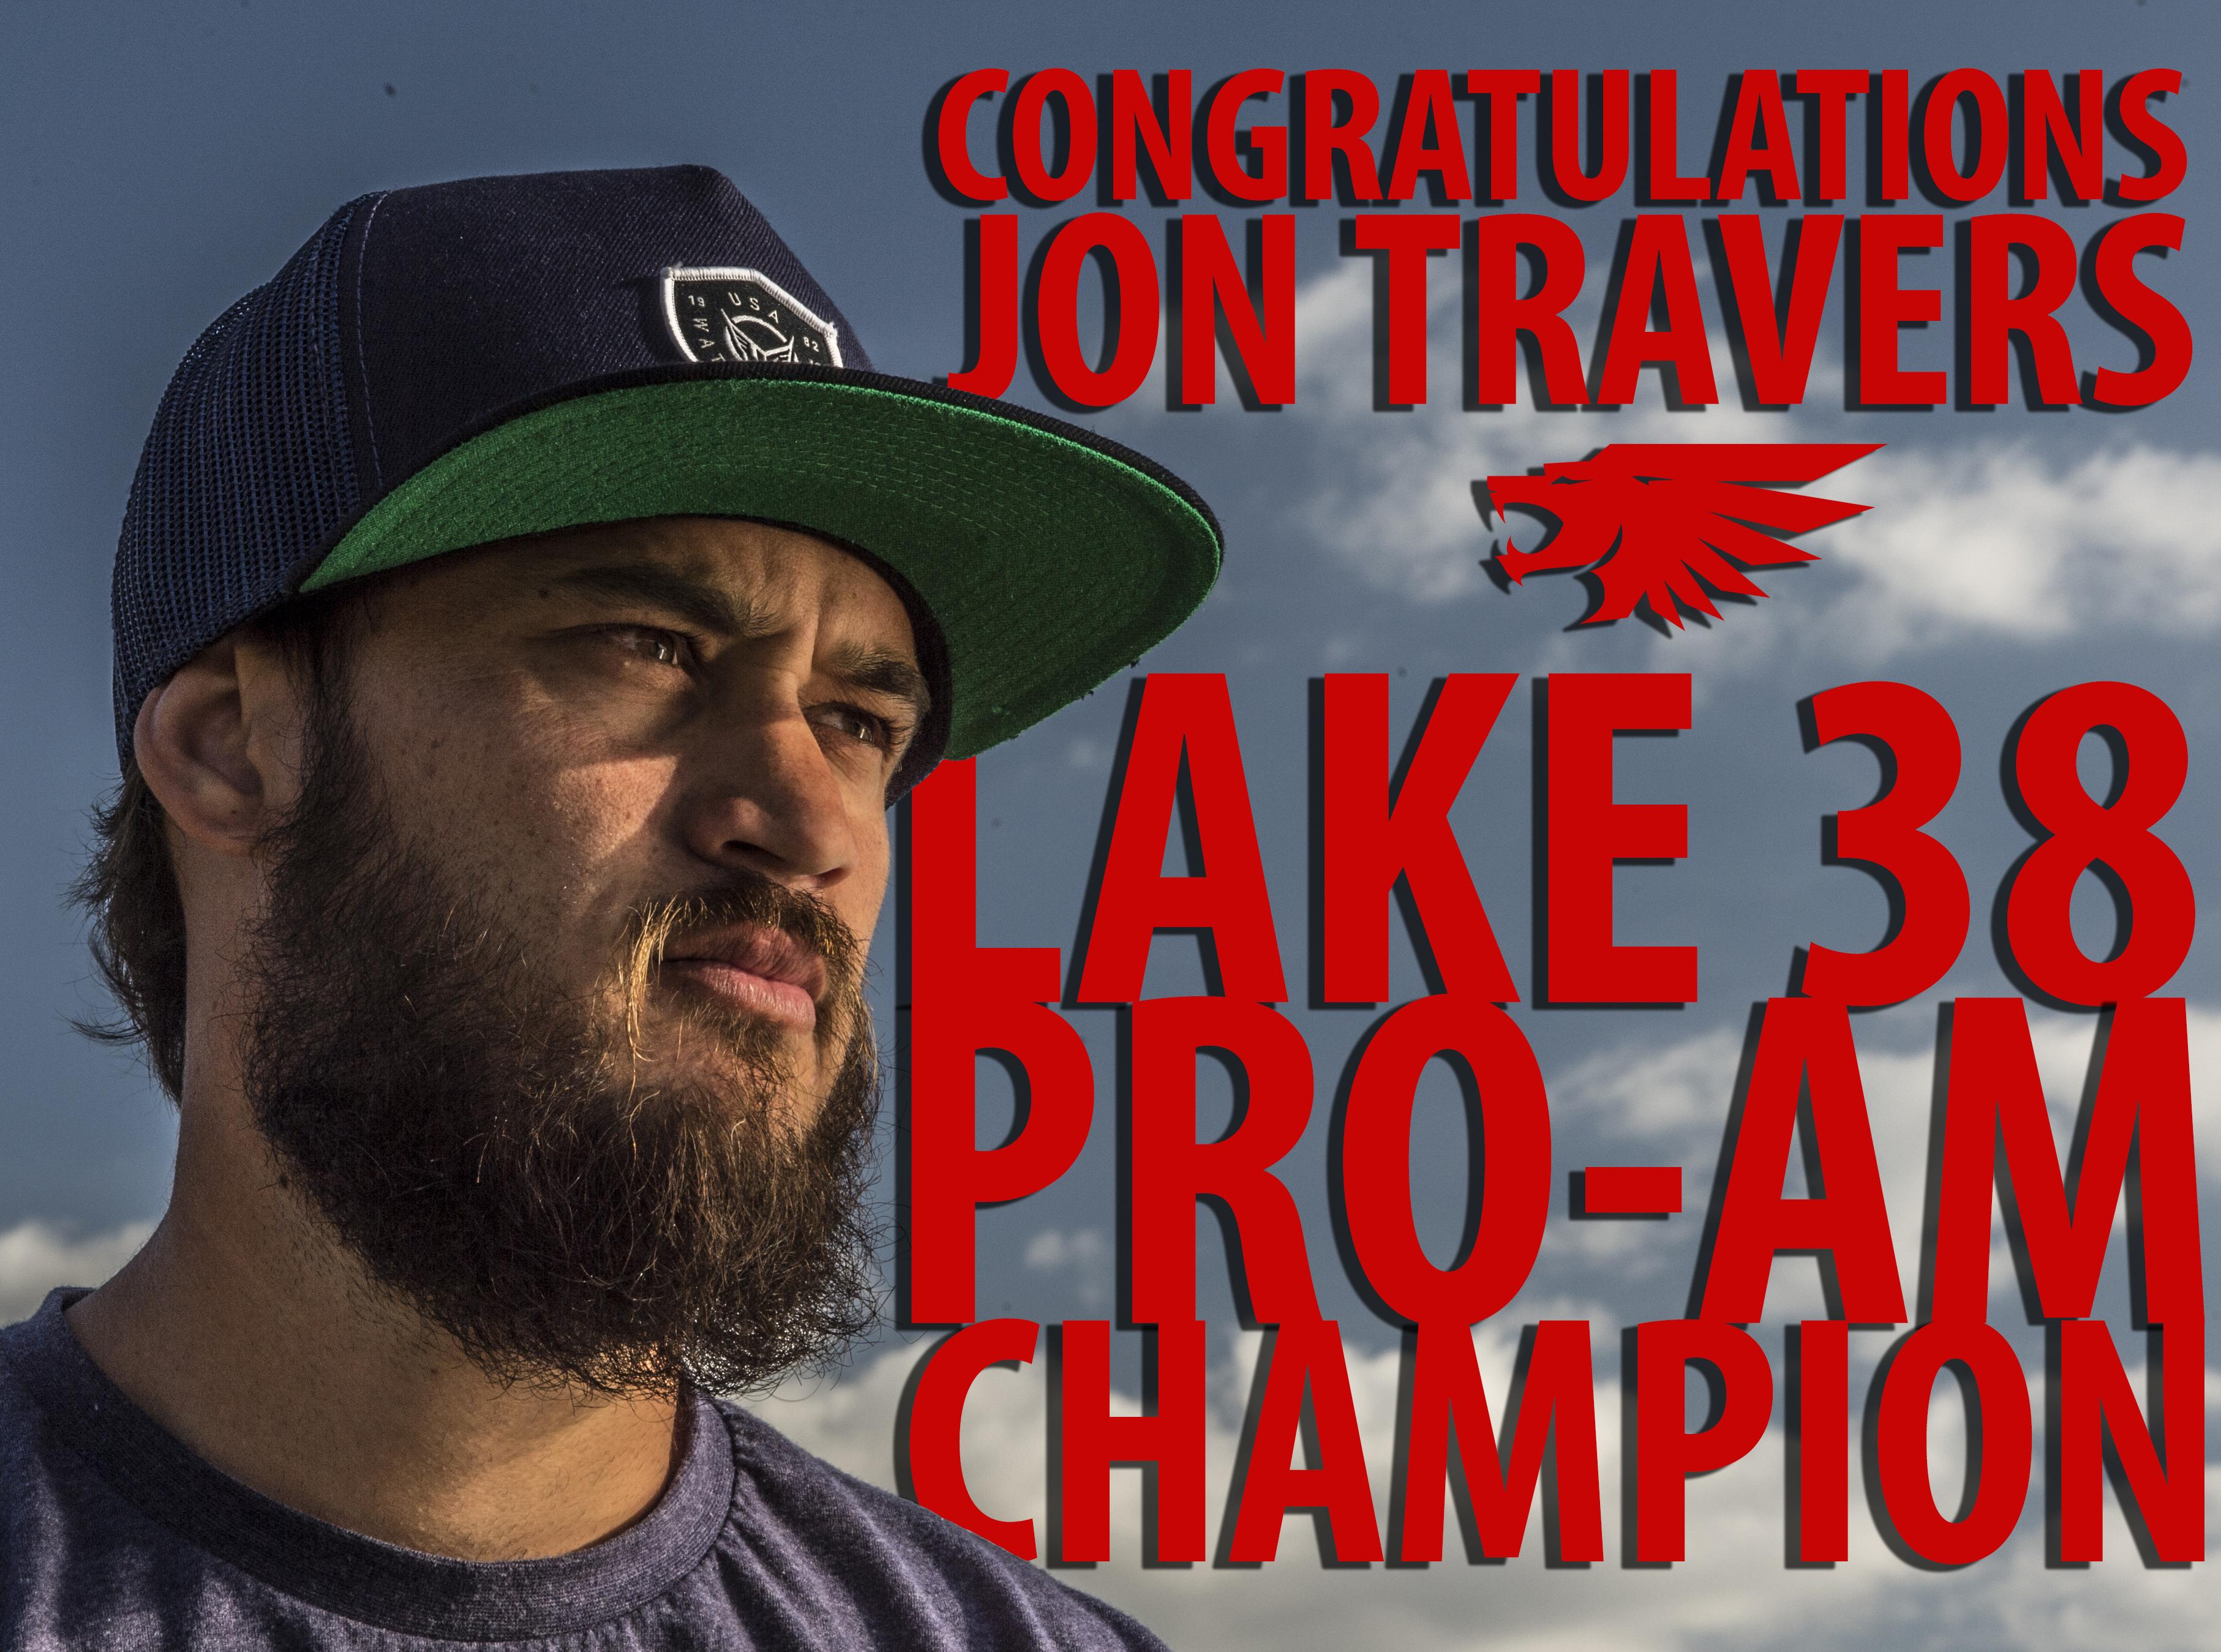 JT lake 38 champ